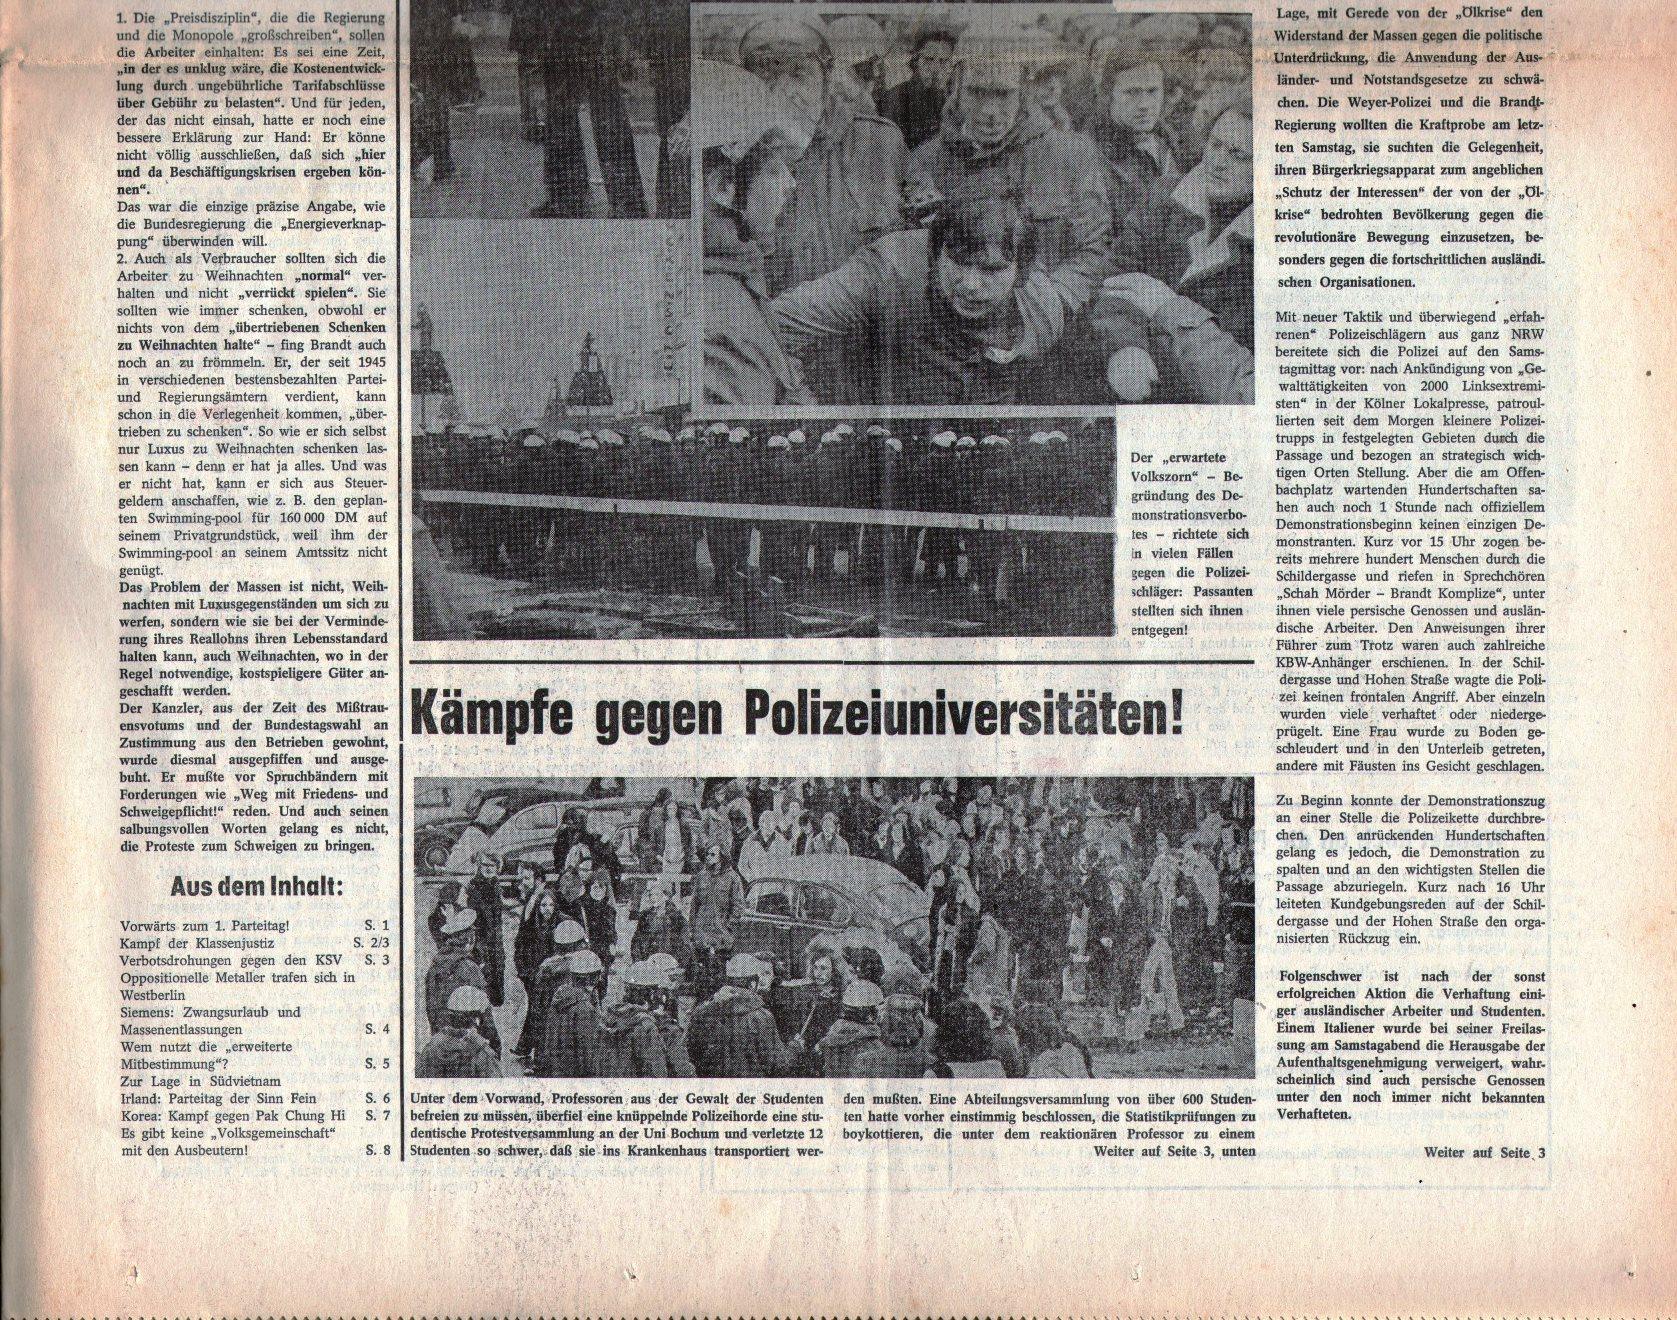 KPD_Rote_Fahne_1973_49_02